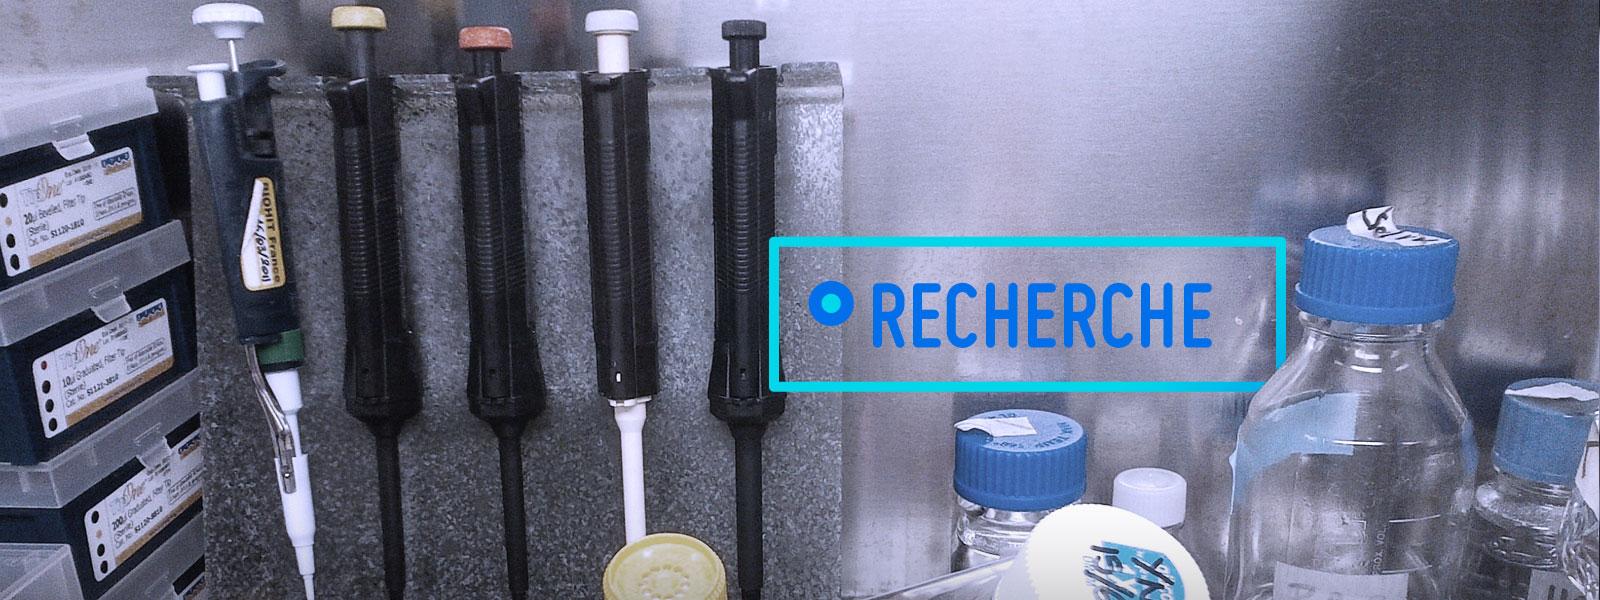 Urologie Foch - Recherche